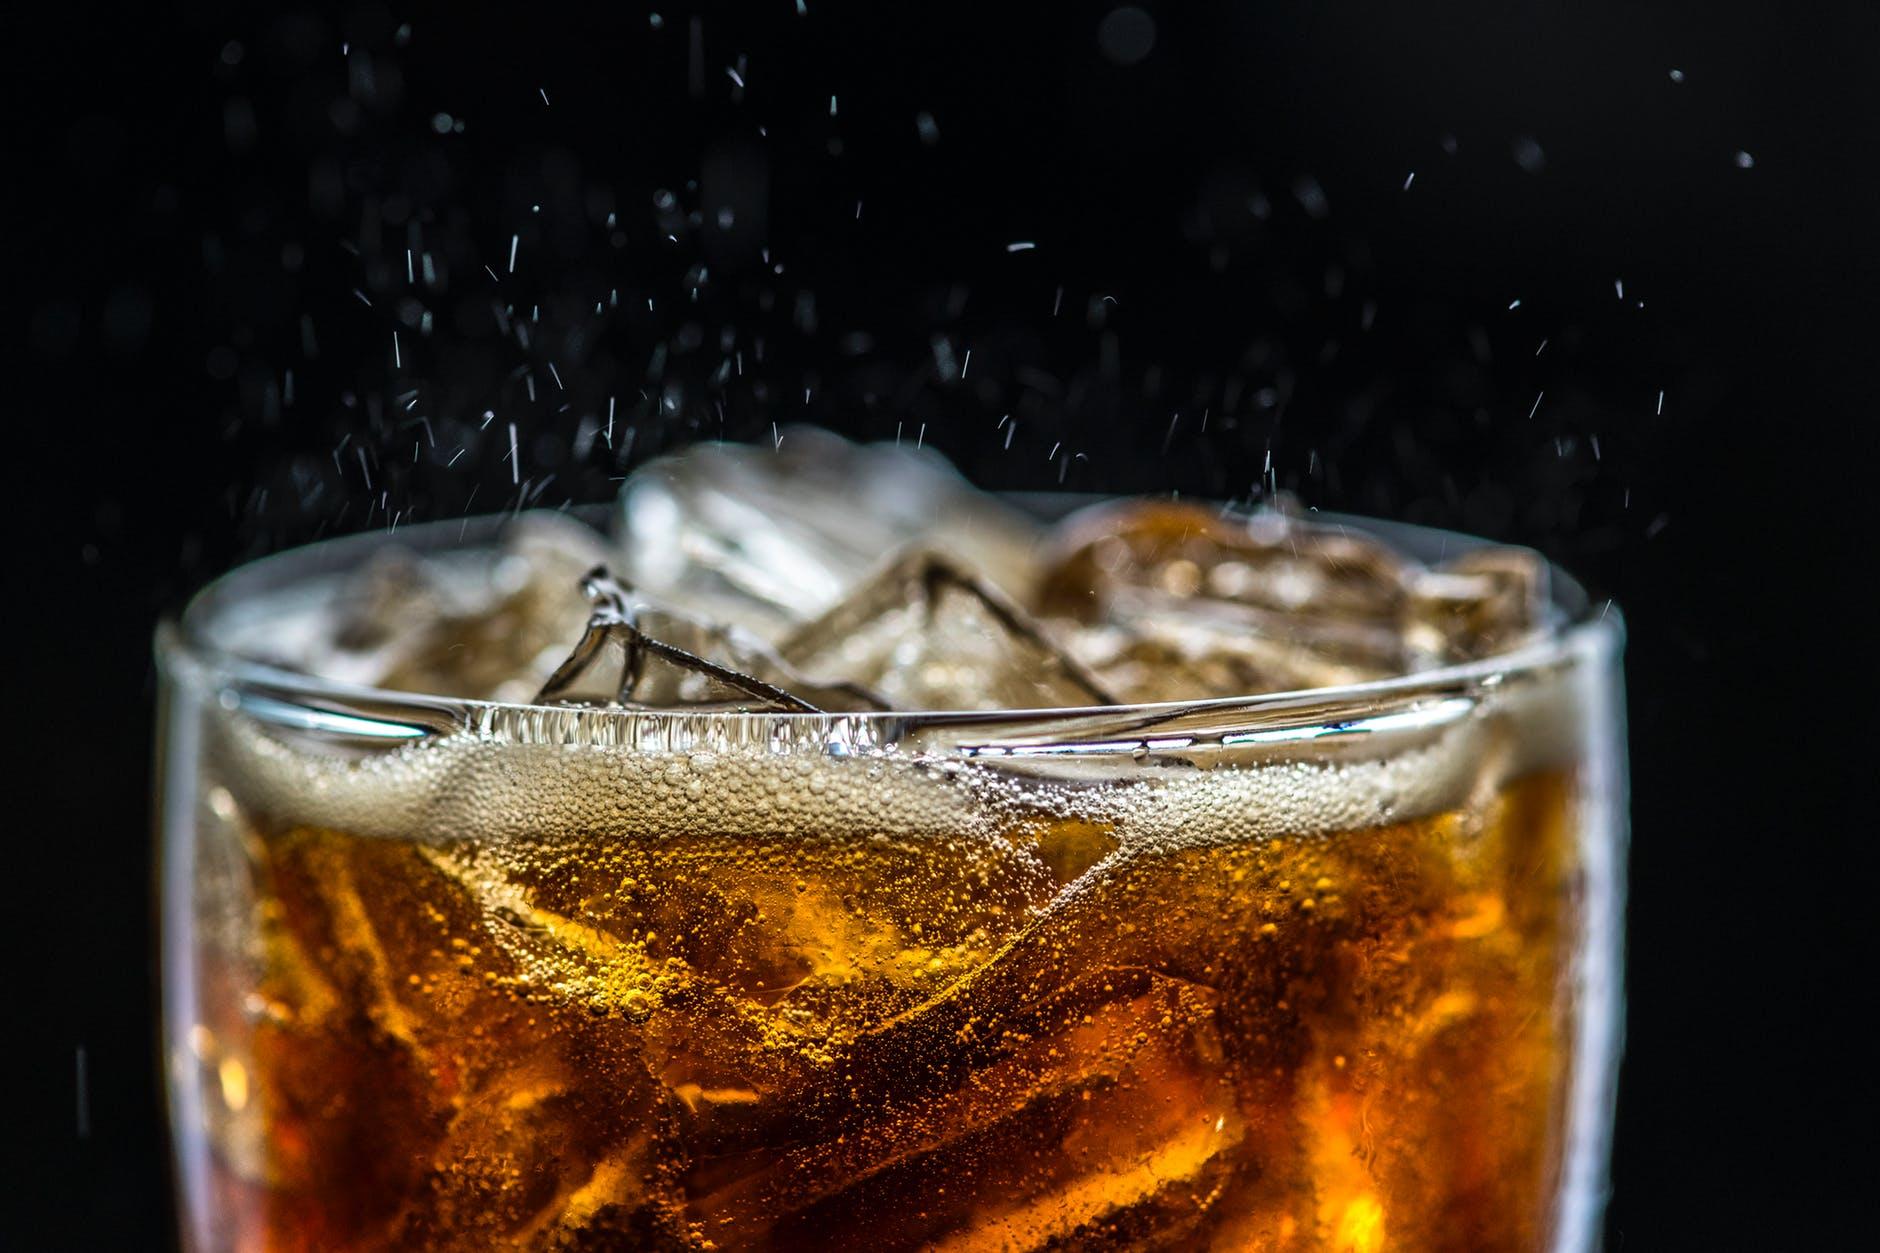 soda|sodas